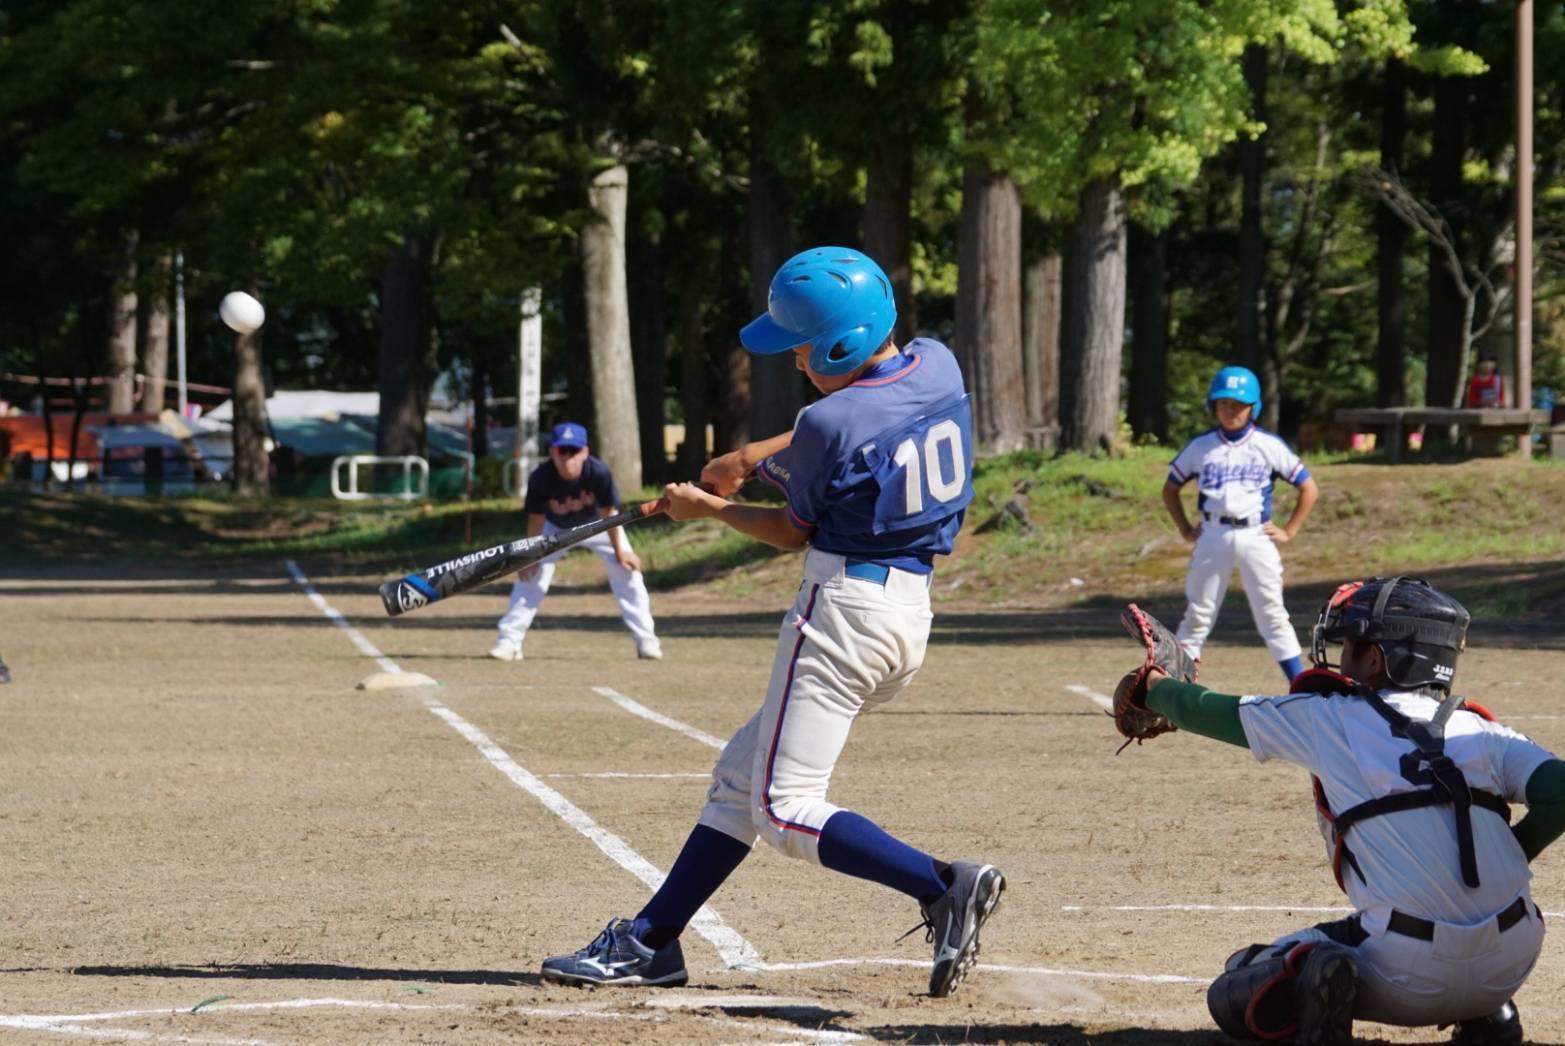 関原まつり 小学生野球大会 優勝しましたぁー!(^^)_b0095176_17272610.jpeg